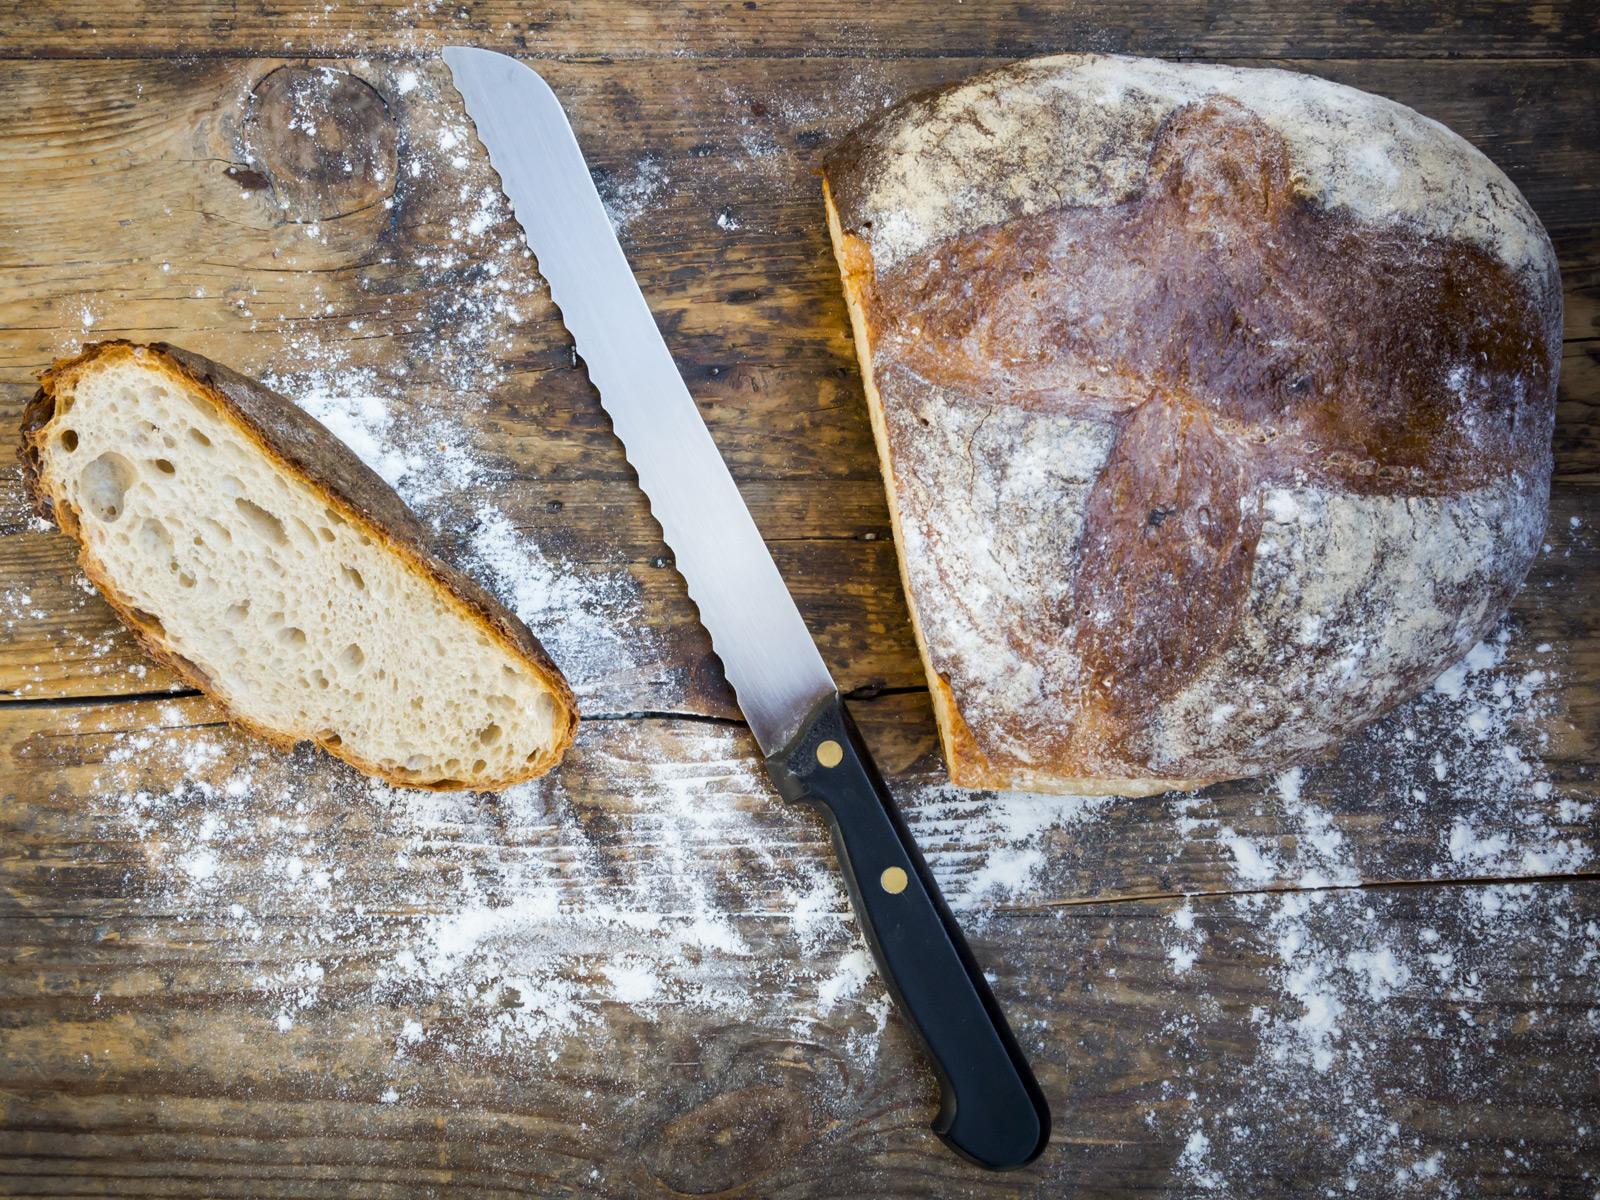 knife-cut-loaf.jpg